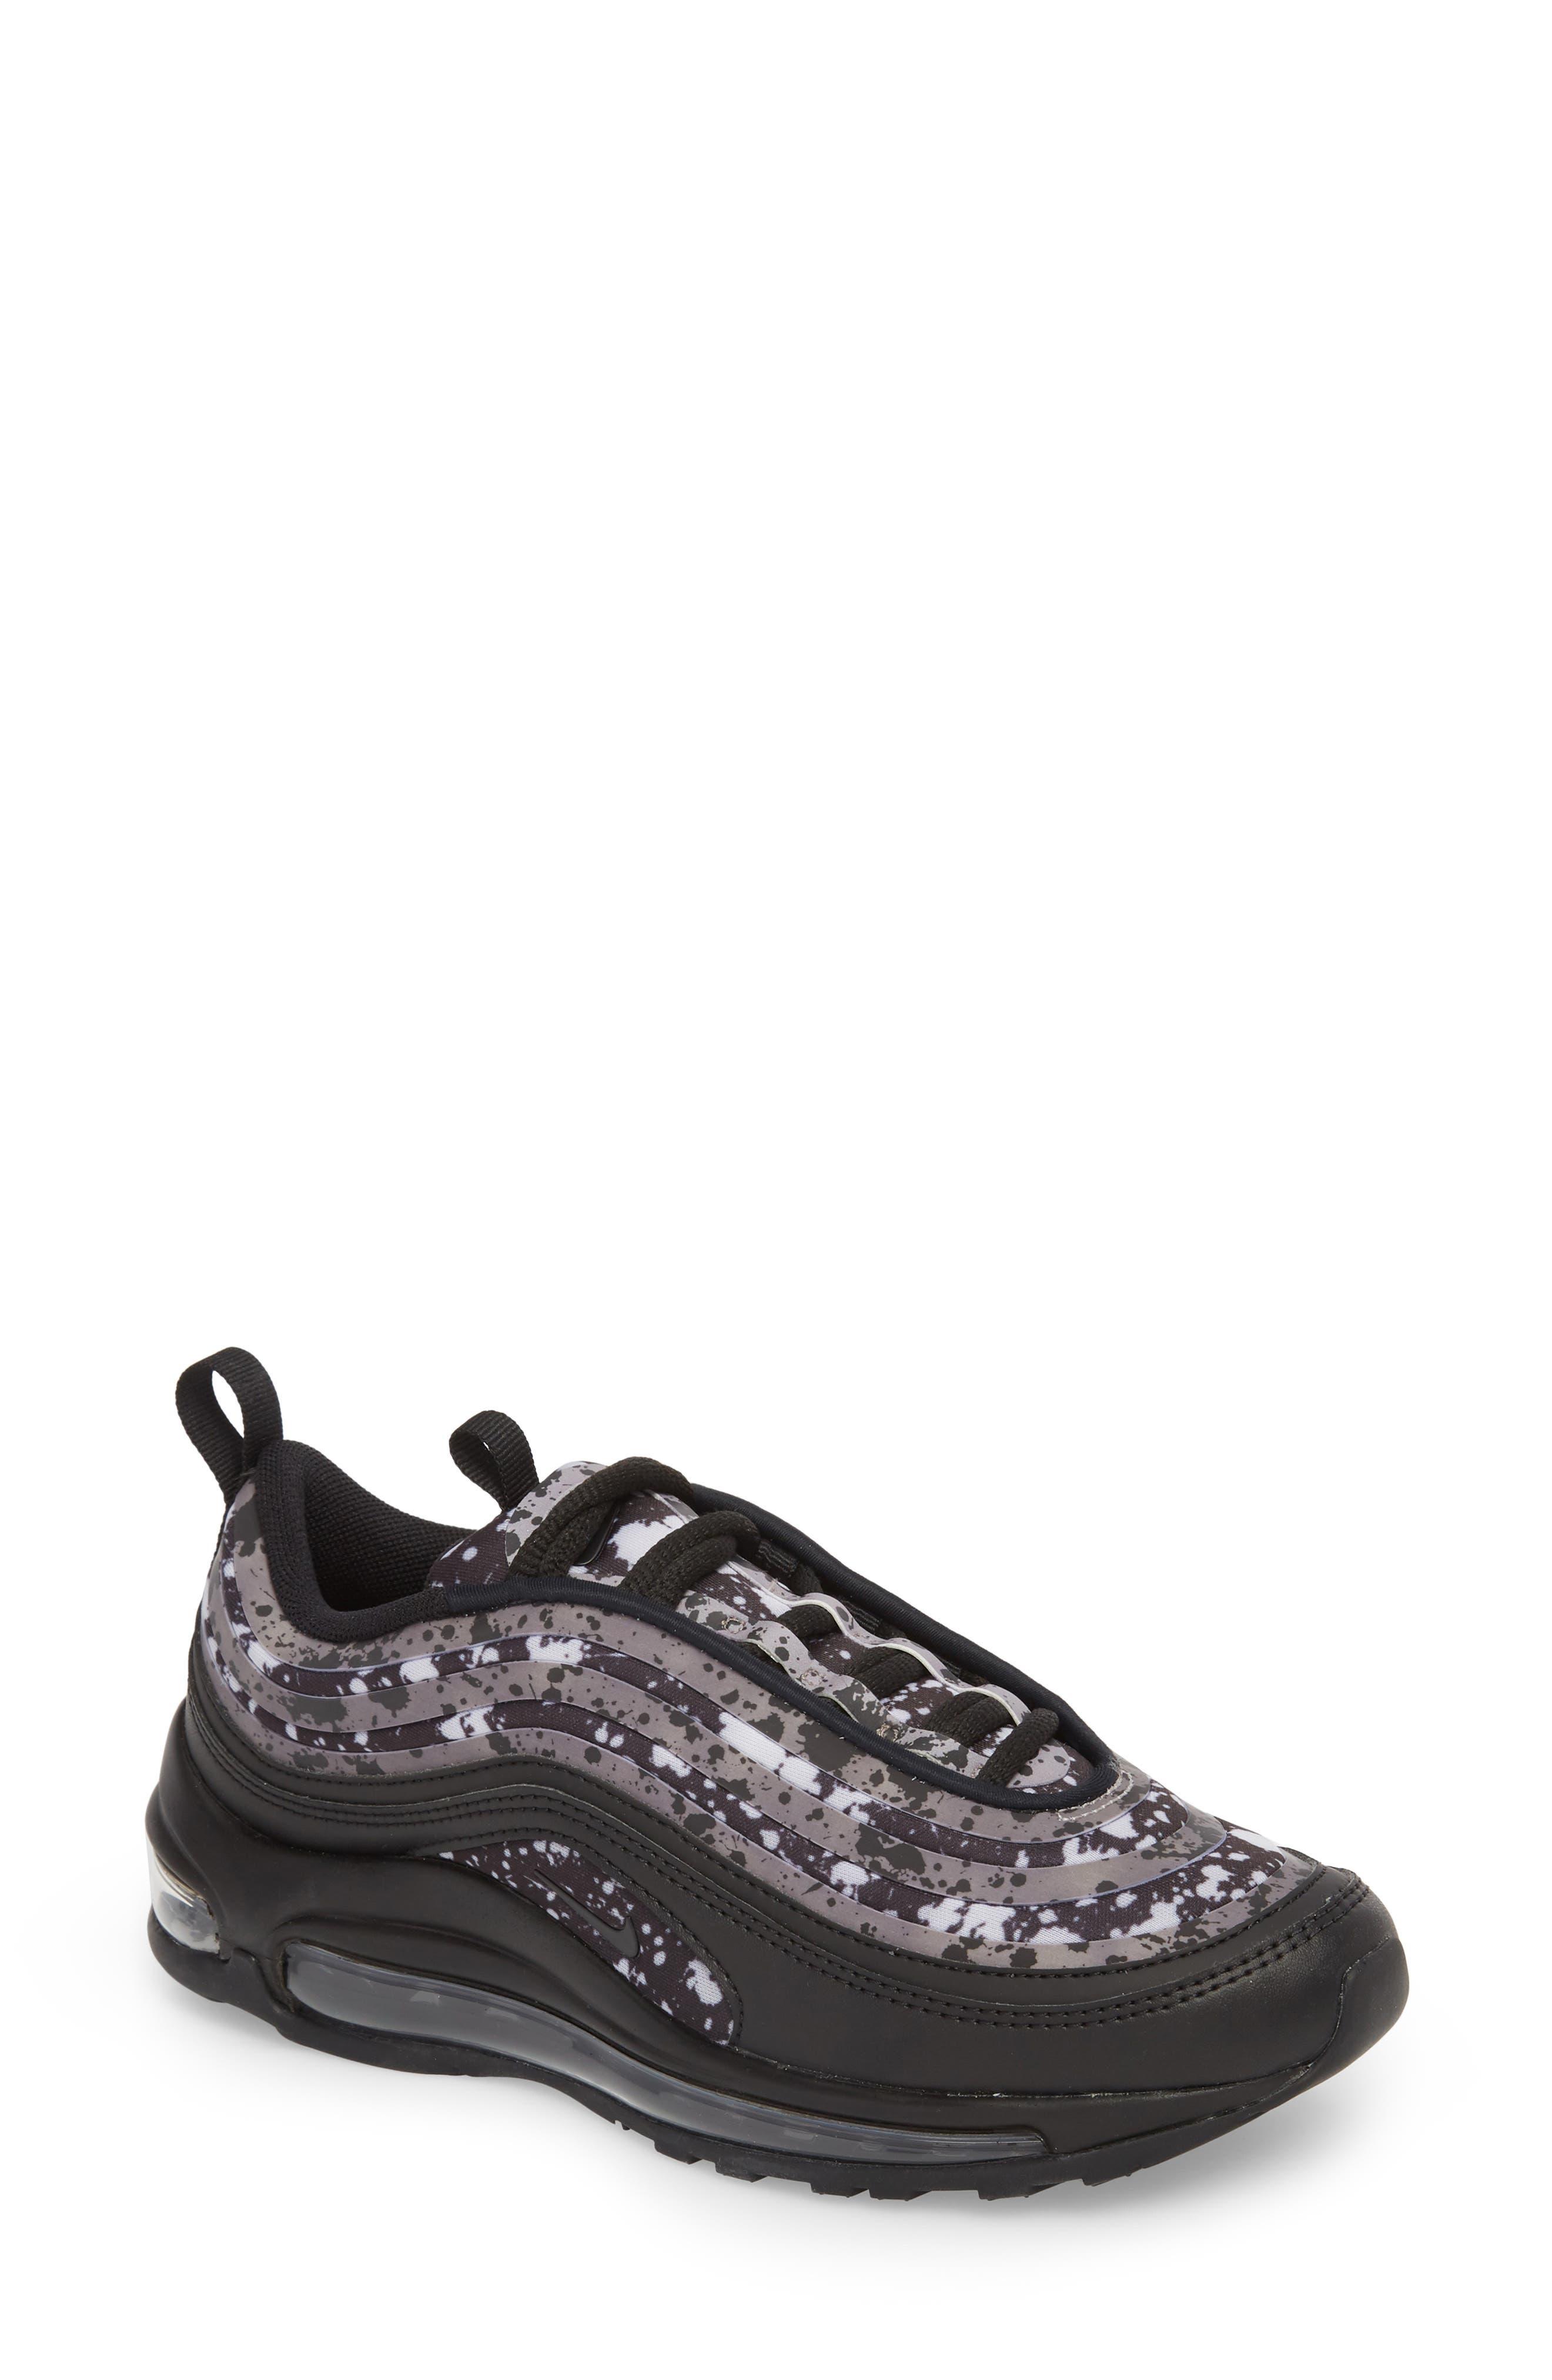 Air Max 97 Ultra '17 Premium Sneaker,                             Main thumbnail 1, color,                             Black/ Black-Vast Grey